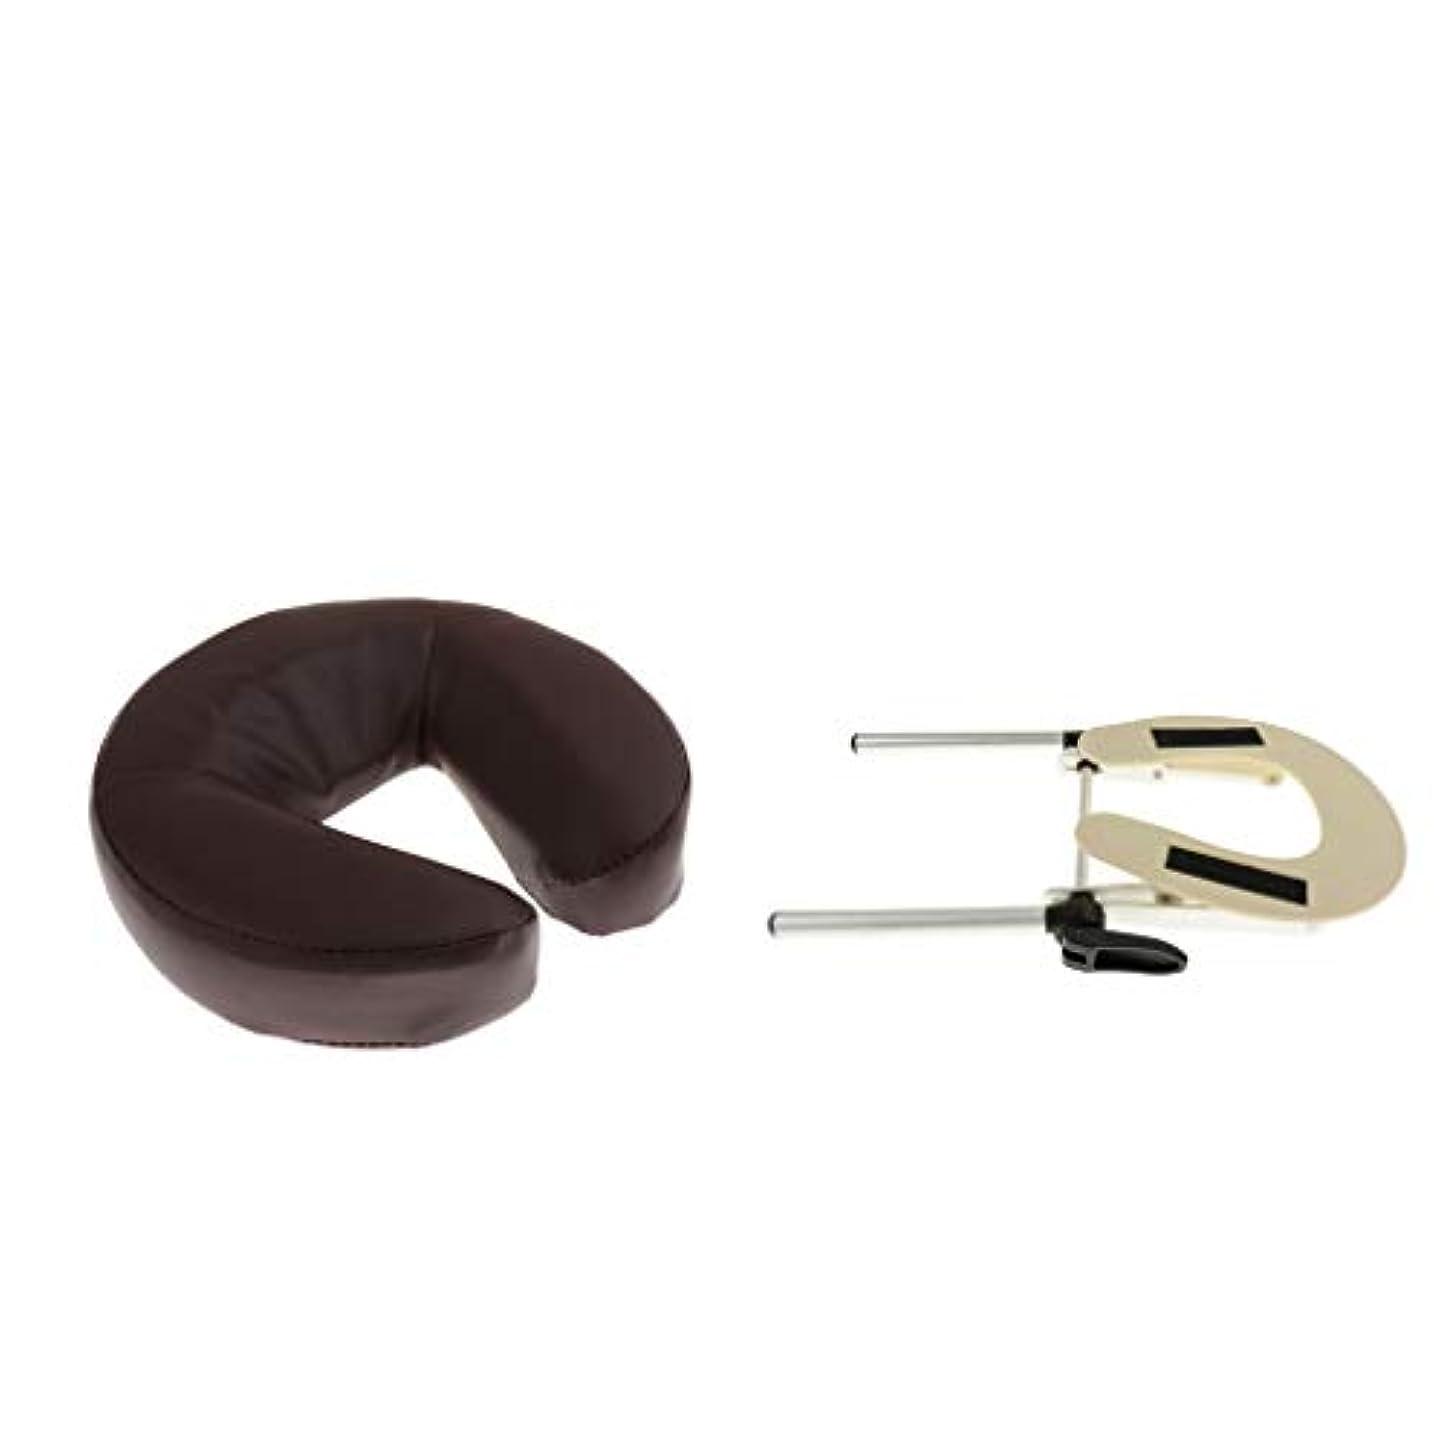 幻滅小さな合意dailymall ソフトフェイスダウン枕付きマッサージテーブル用フェイスクレードルピローブラケットホルダー